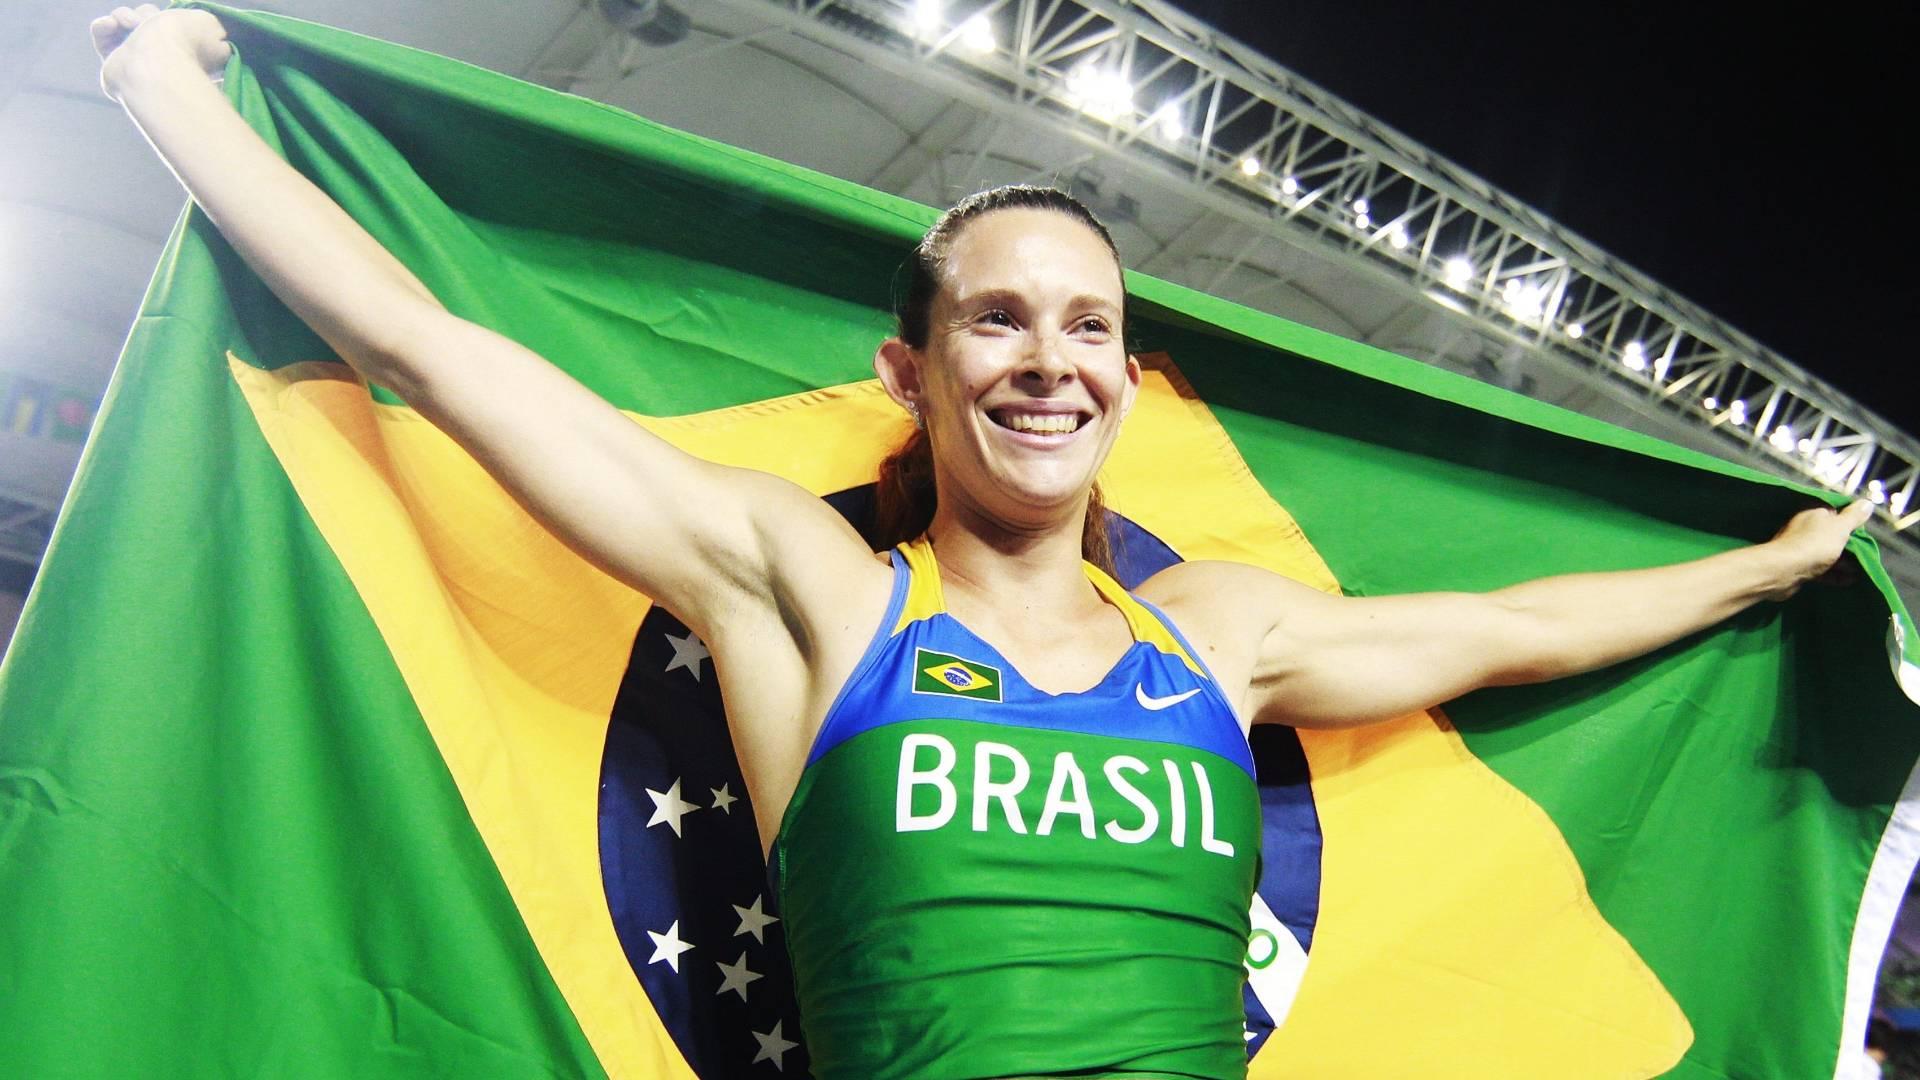 Fabiana Murer comemora com a bandeira brasileira depois de conquistar o ouro no salto com vara pelo Mundial de atletismo em Daegu (30/08/2011)